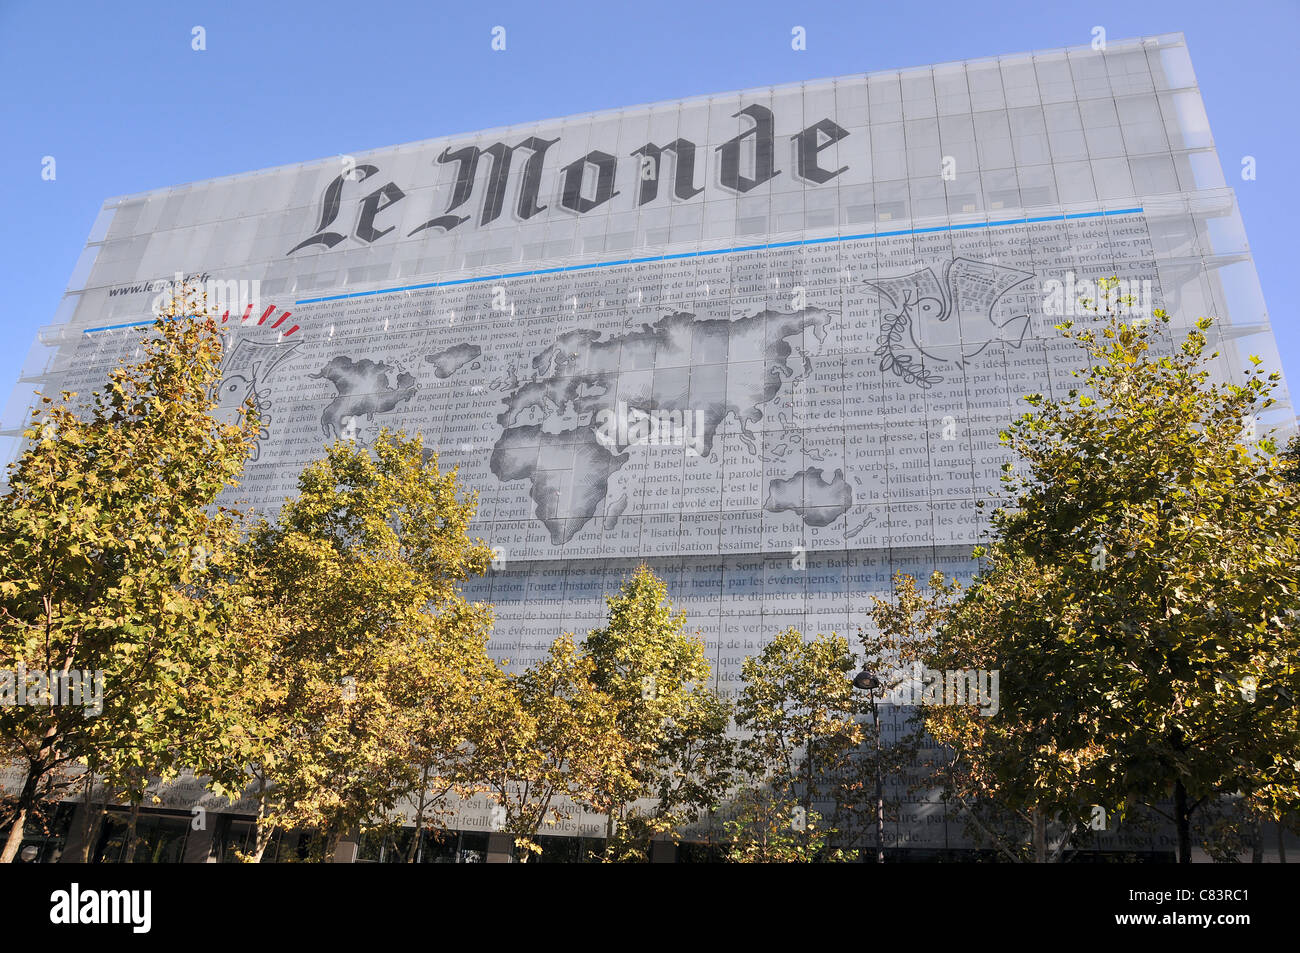 Le Monde daily newspaper building Paris France - Stock Image